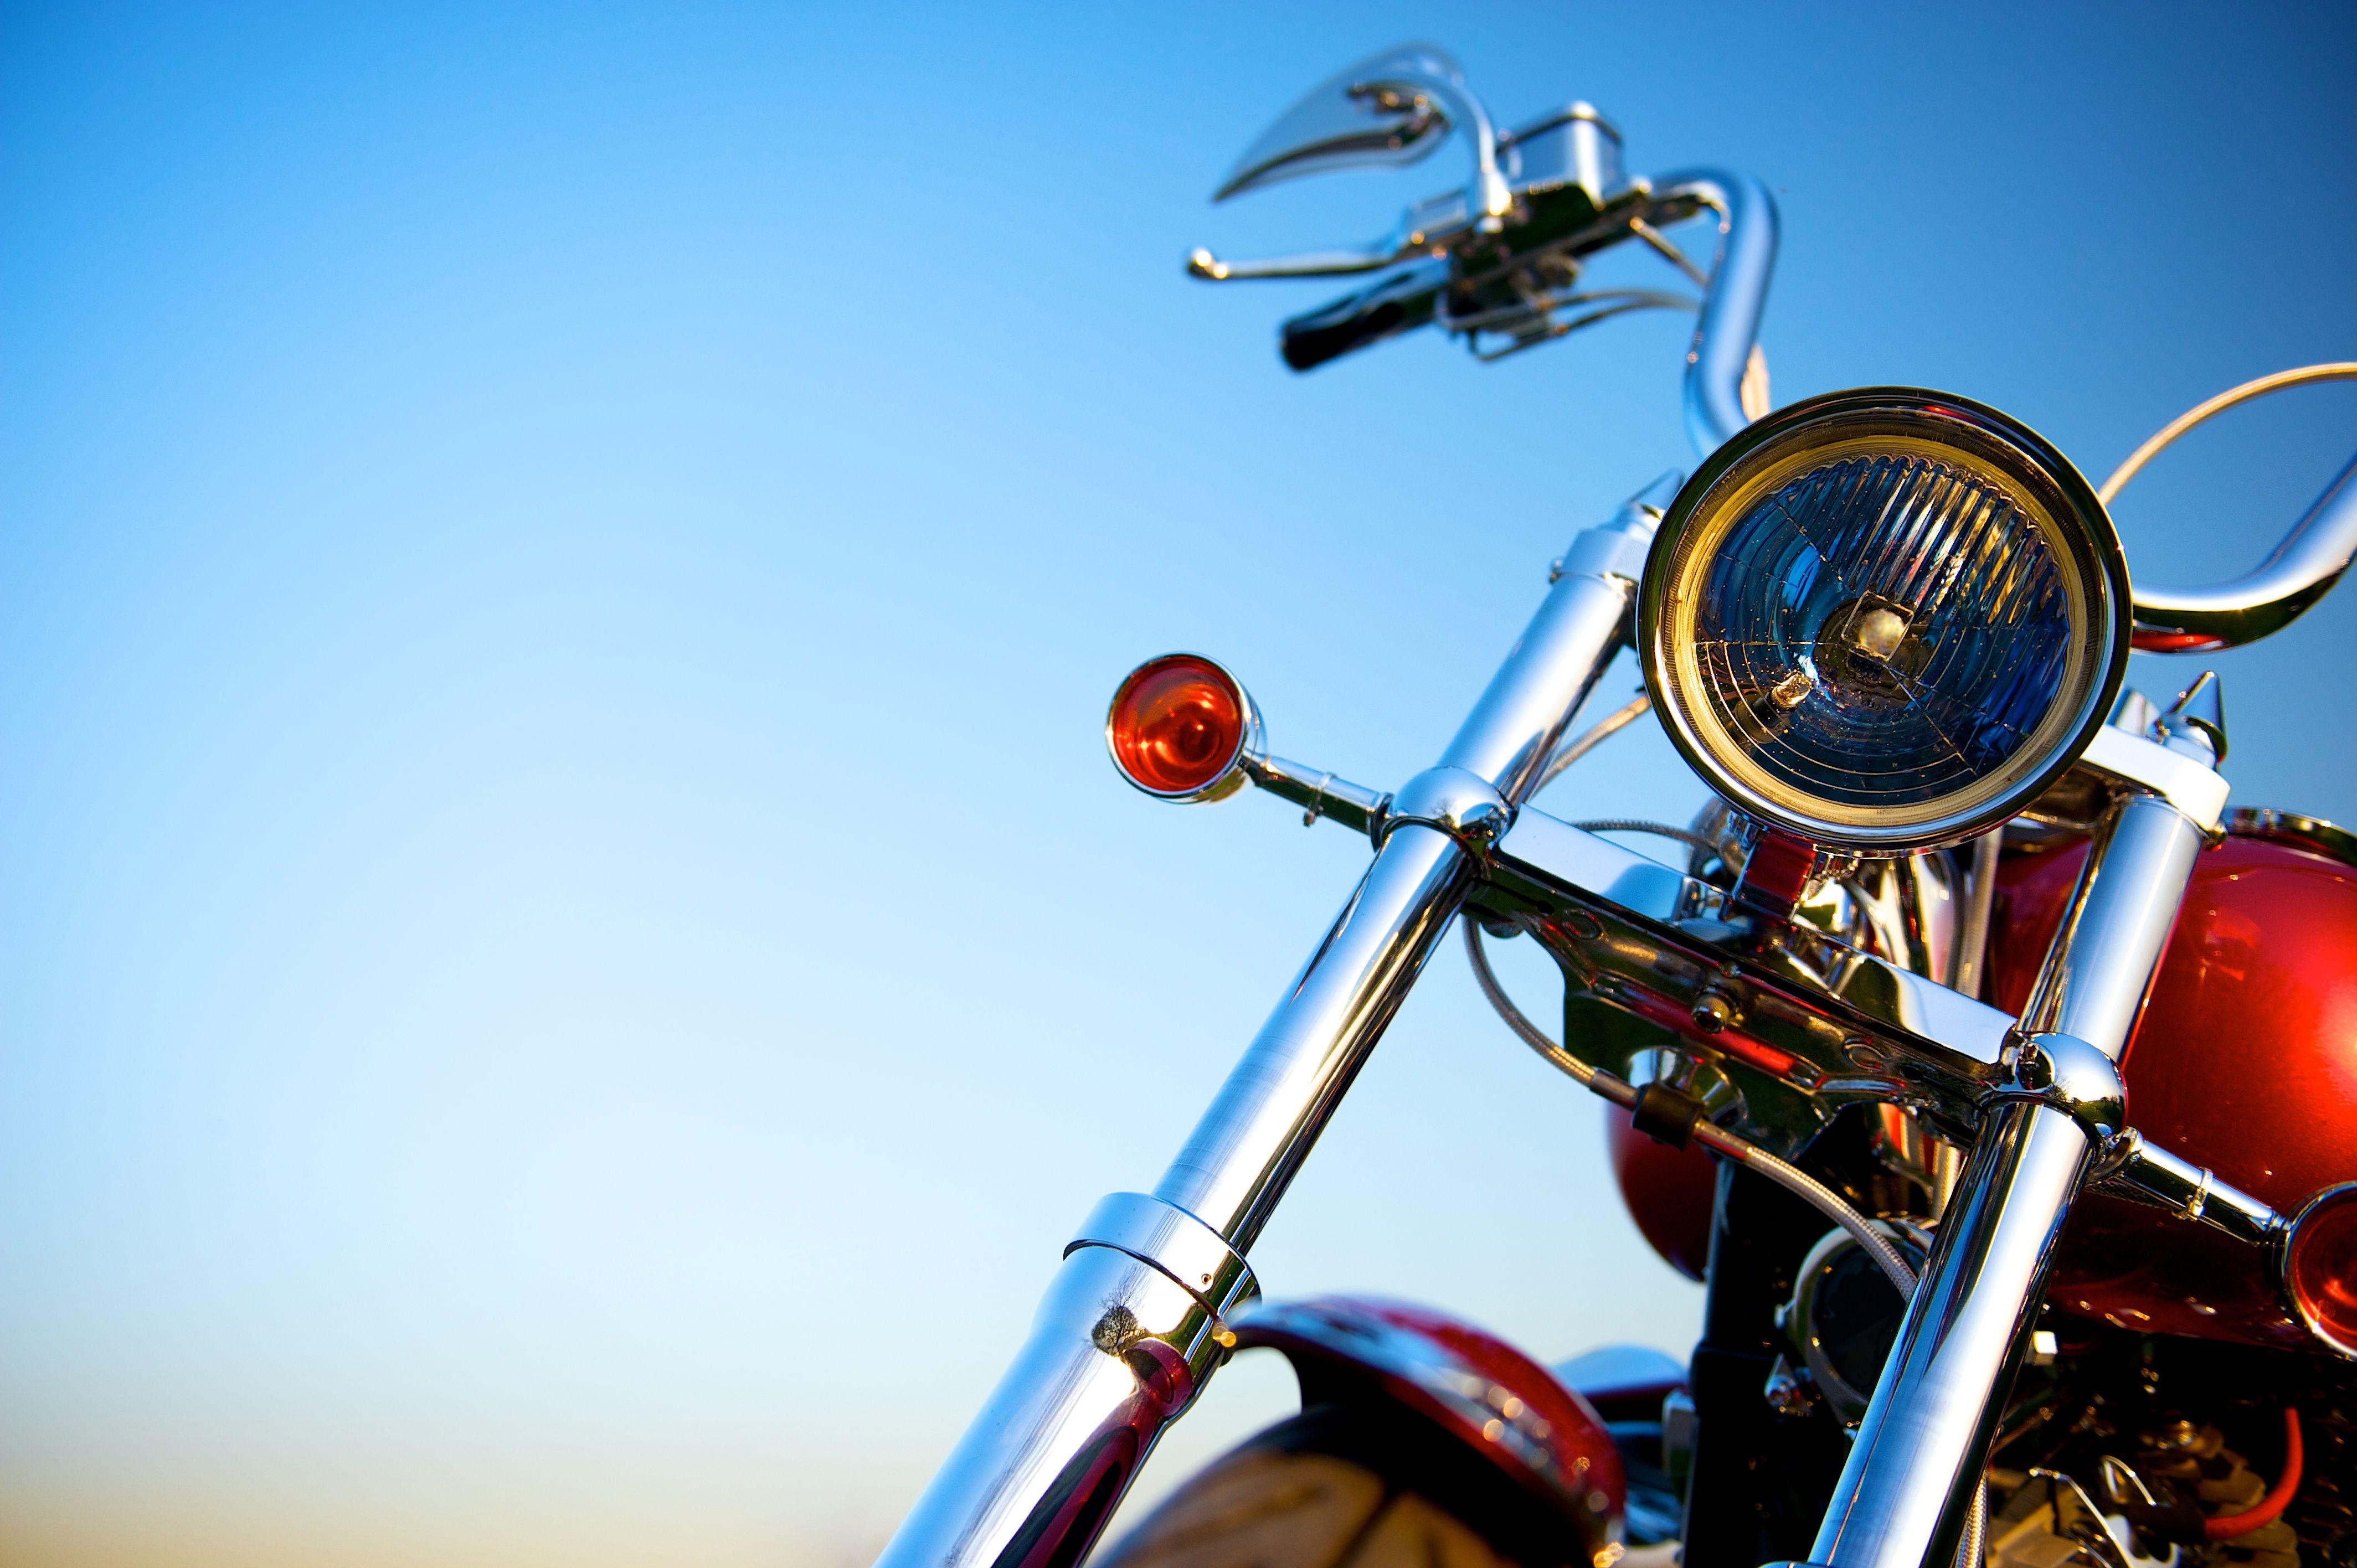 Venta de motos seminuevas en Madrid